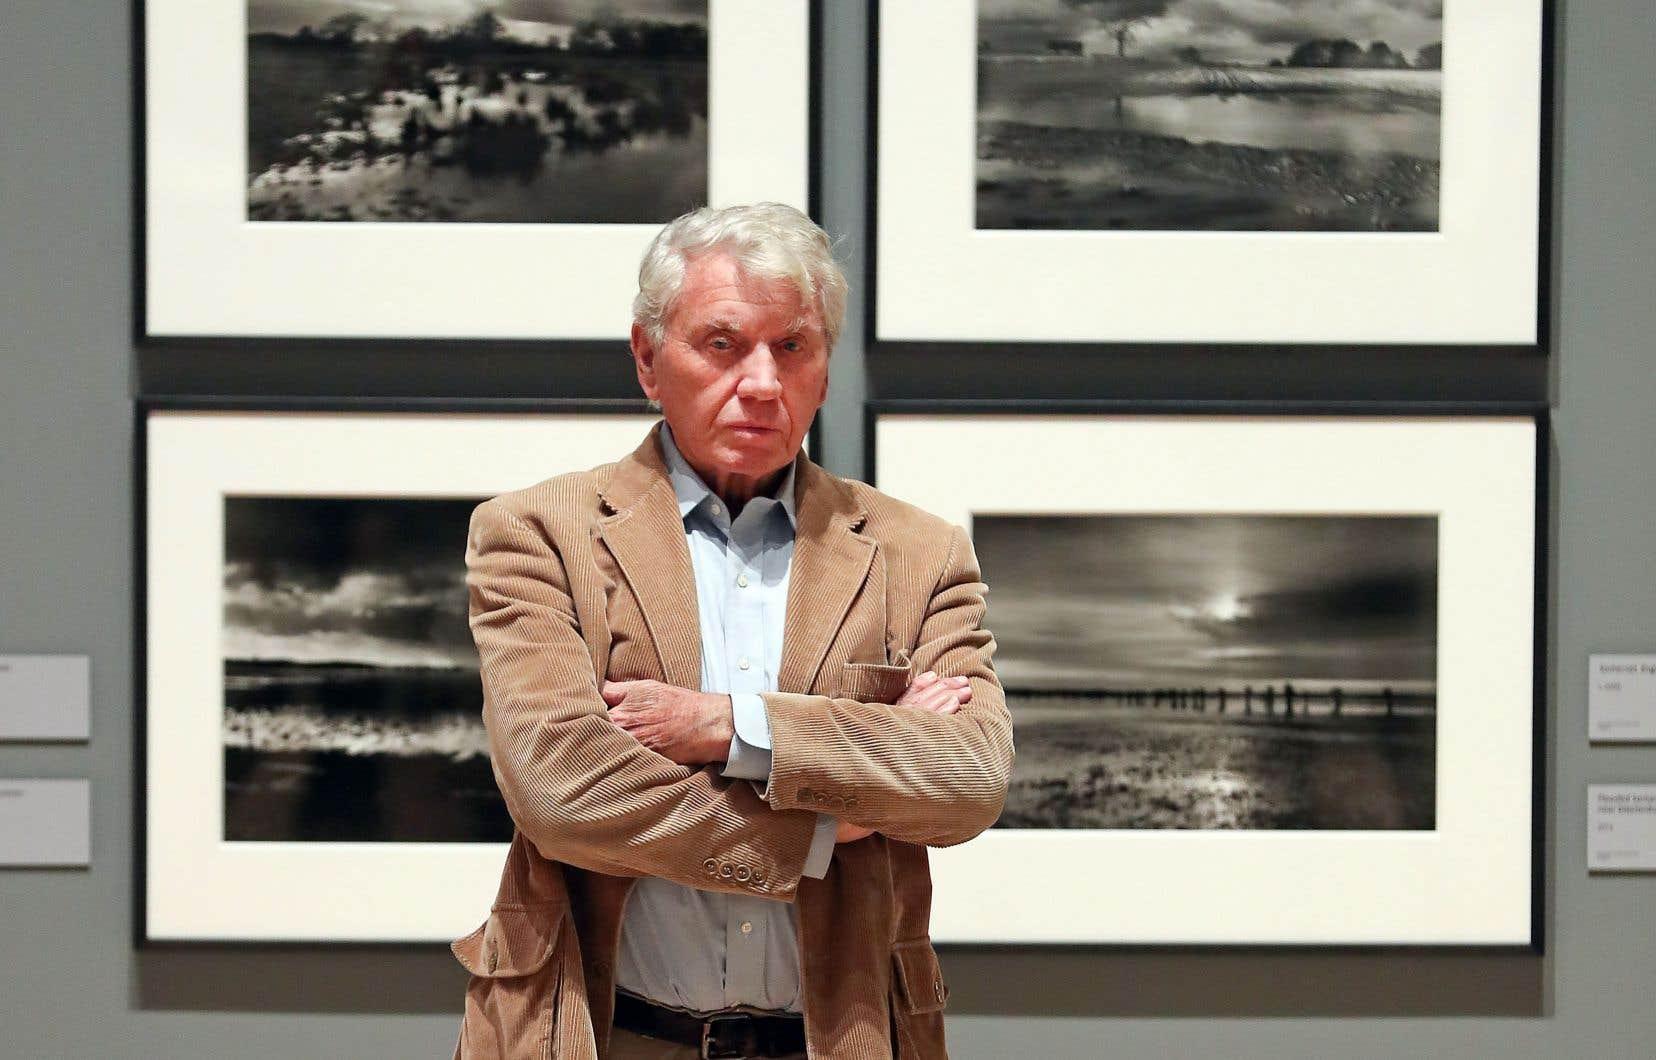 L'œuvre du photojournaliste britannique Don McCullin, adulé pour son travail en noir et blanc qui plonge au cœur de la guerre et de la pauvreté dans le monde, est à l'affiche de la Tate Britain jusqu'au 6 mai.